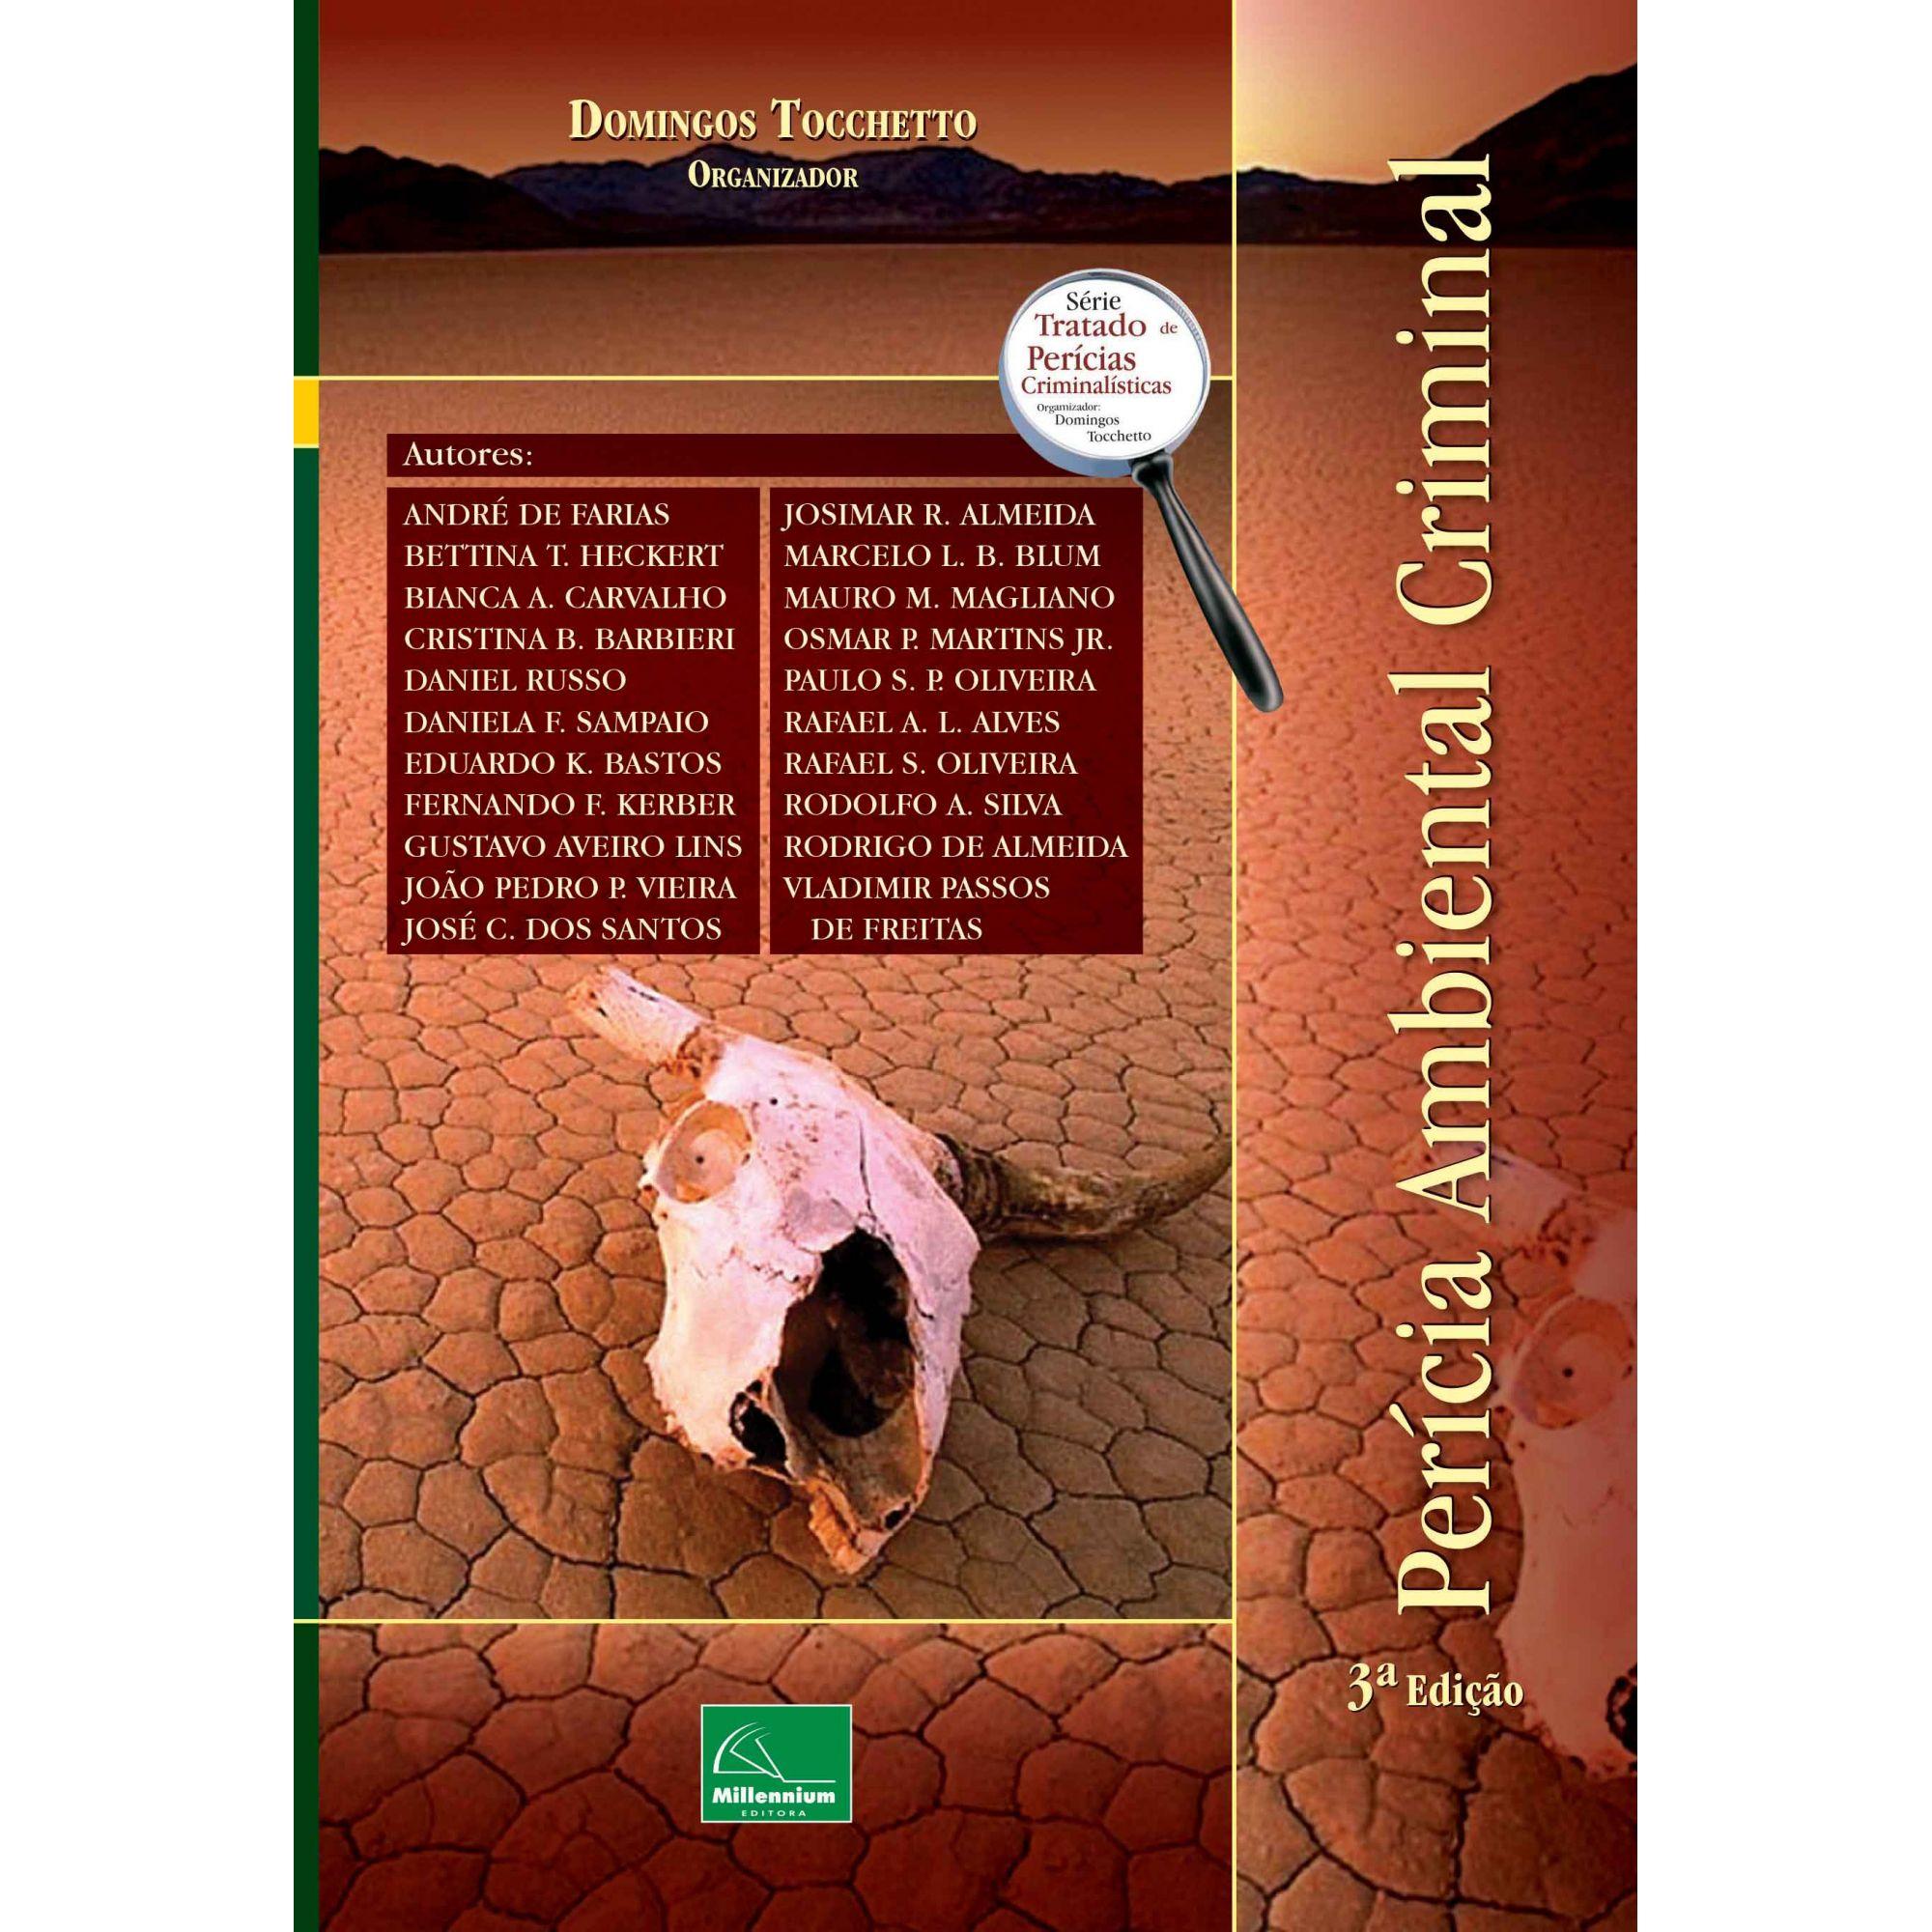 Perícia Ambiental Criminal 3ª Edição <b>Organizador: Domingos Tocchetto</b>  - Millennium Editora - Livros de Perícia